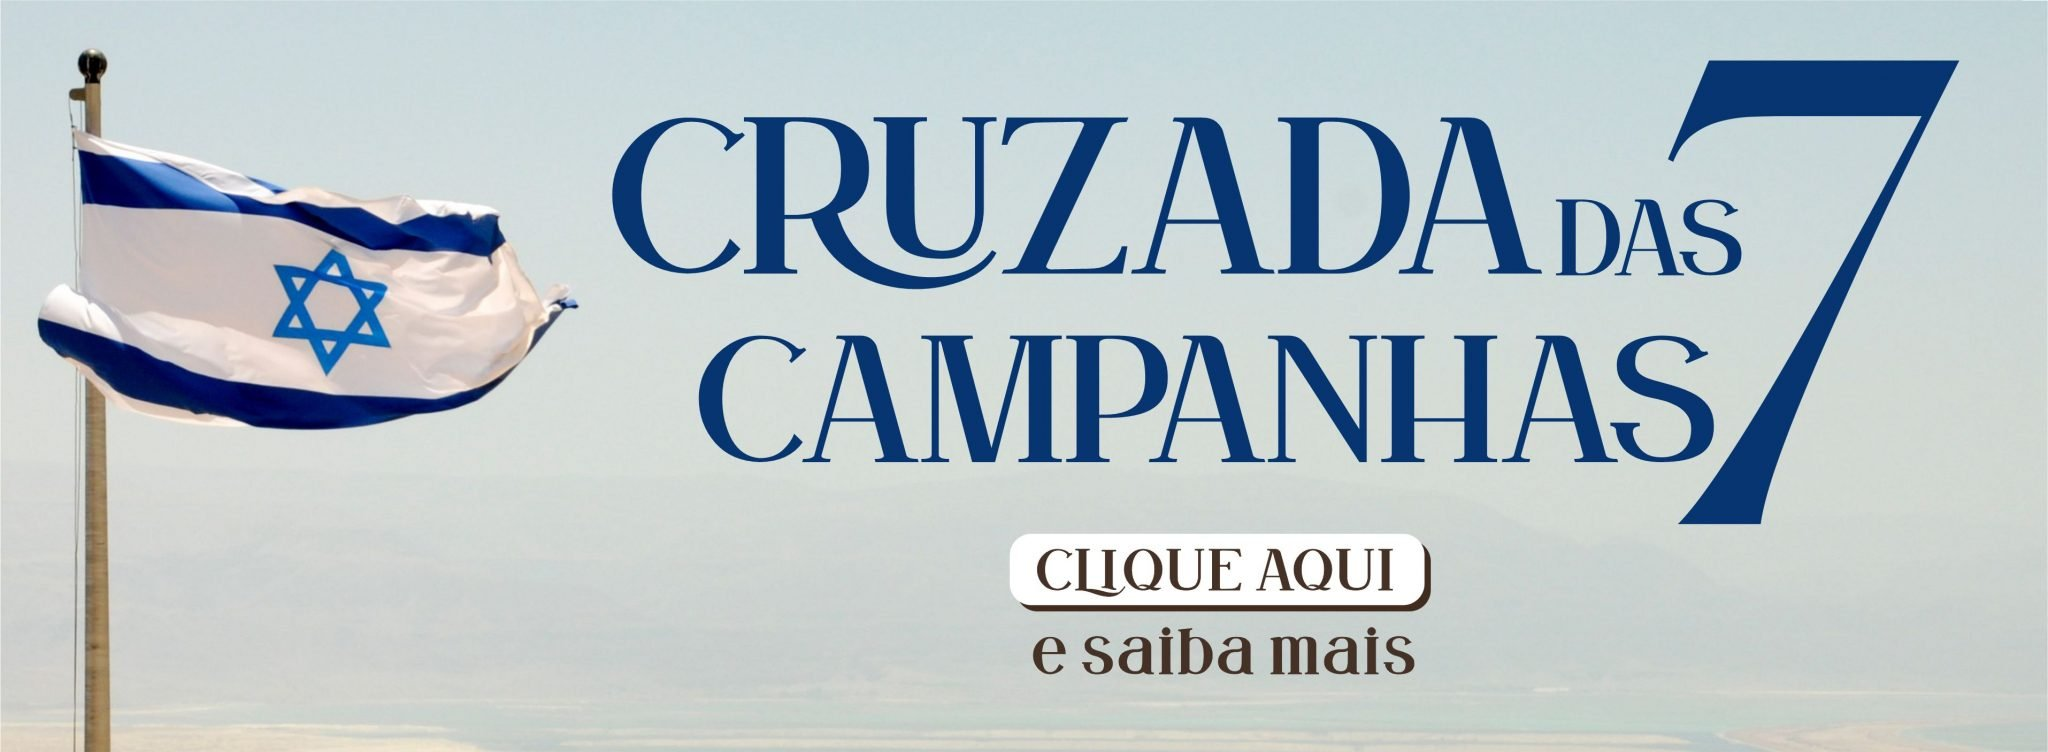 CRUZADA DAS 7 CAMPANHAS – banner